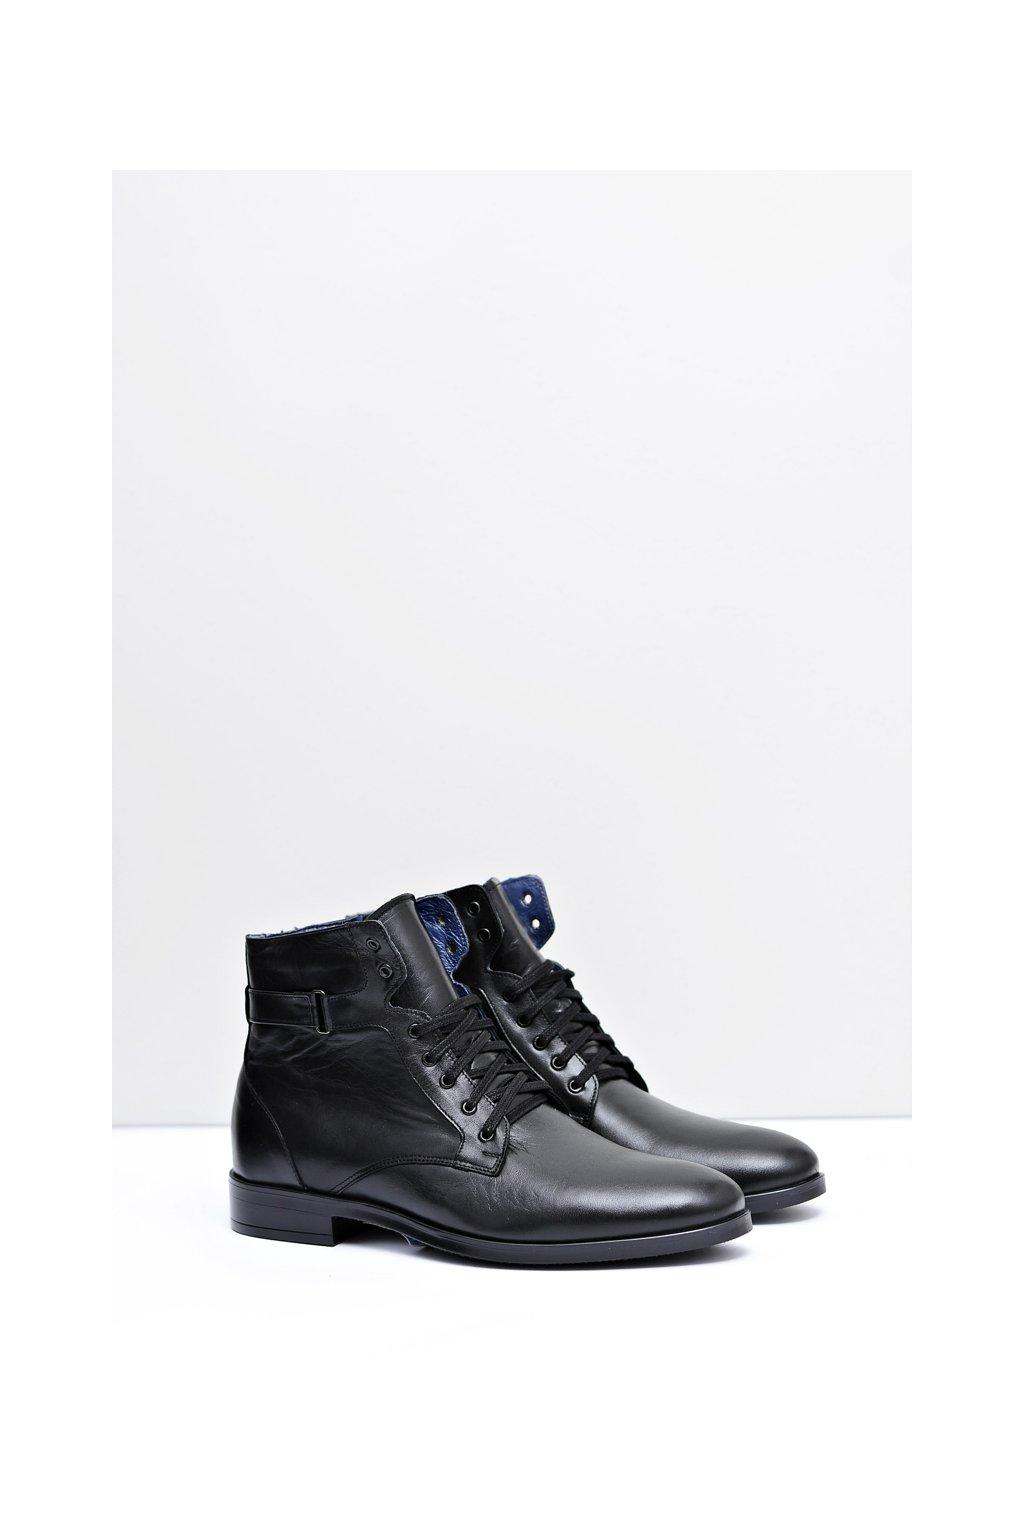 pánske kožené topánky polské čierne topánky Nikopol 661